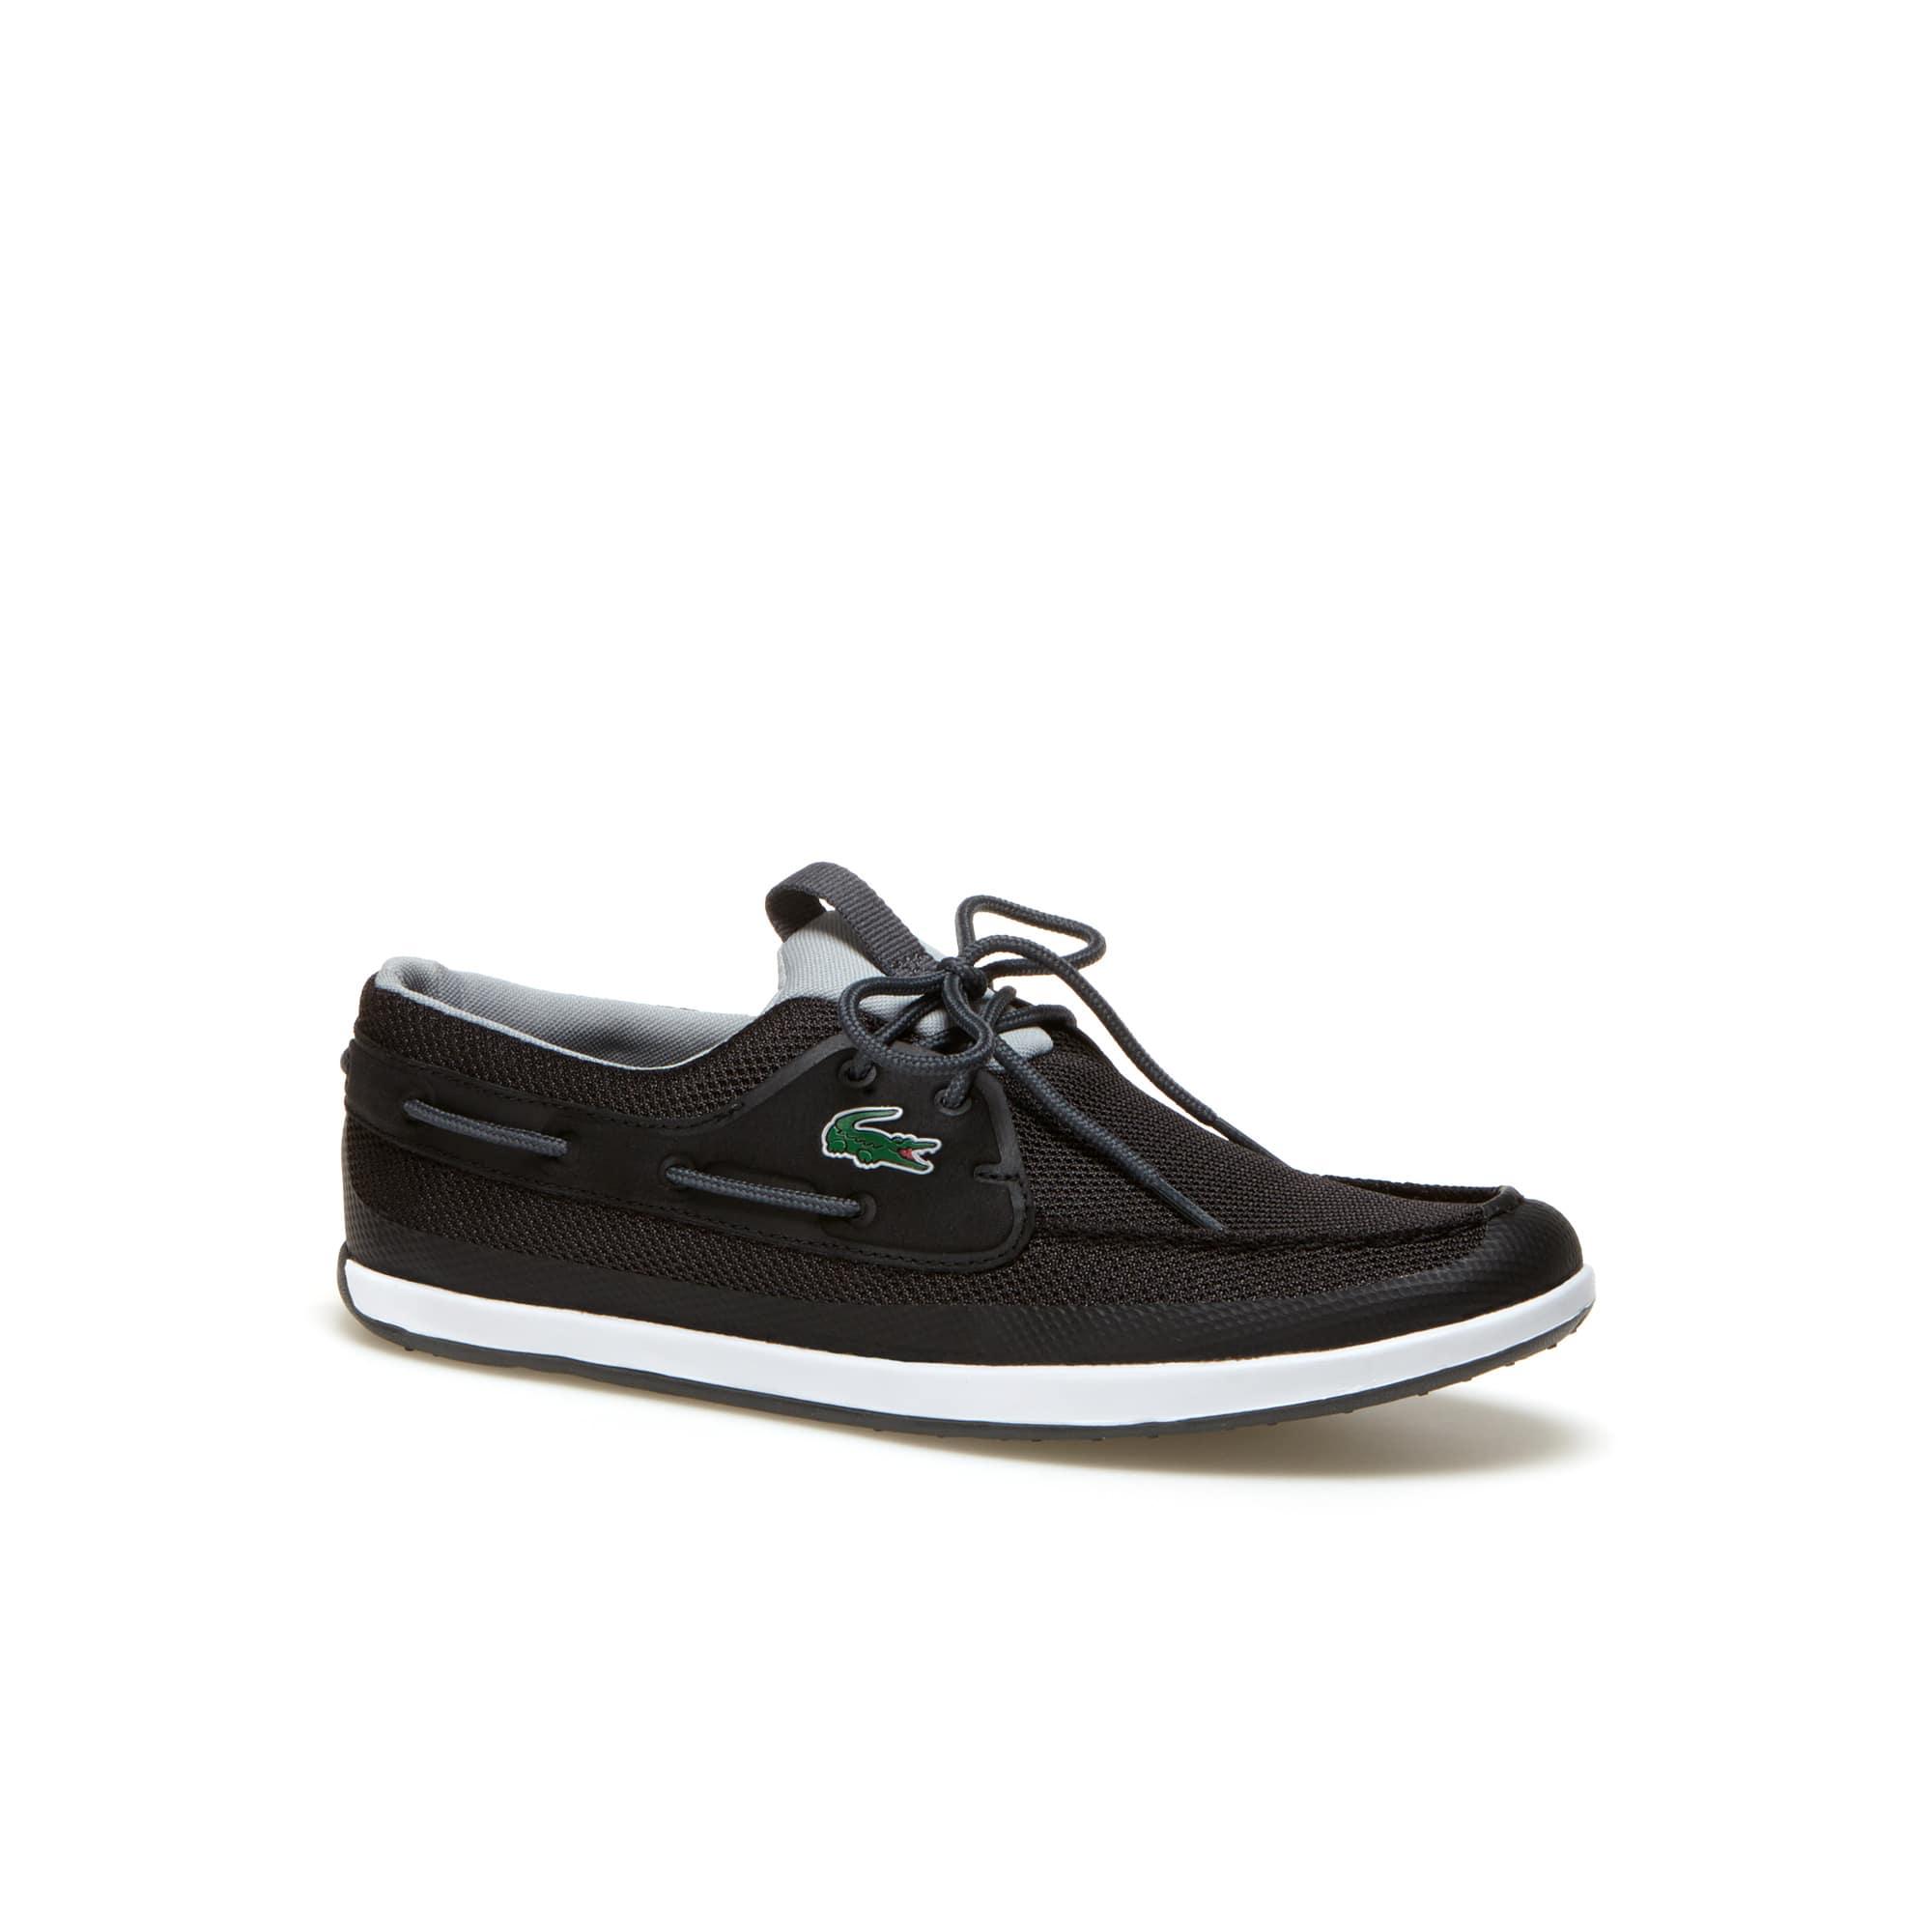 Sapatos de vela L.andsailing em lona